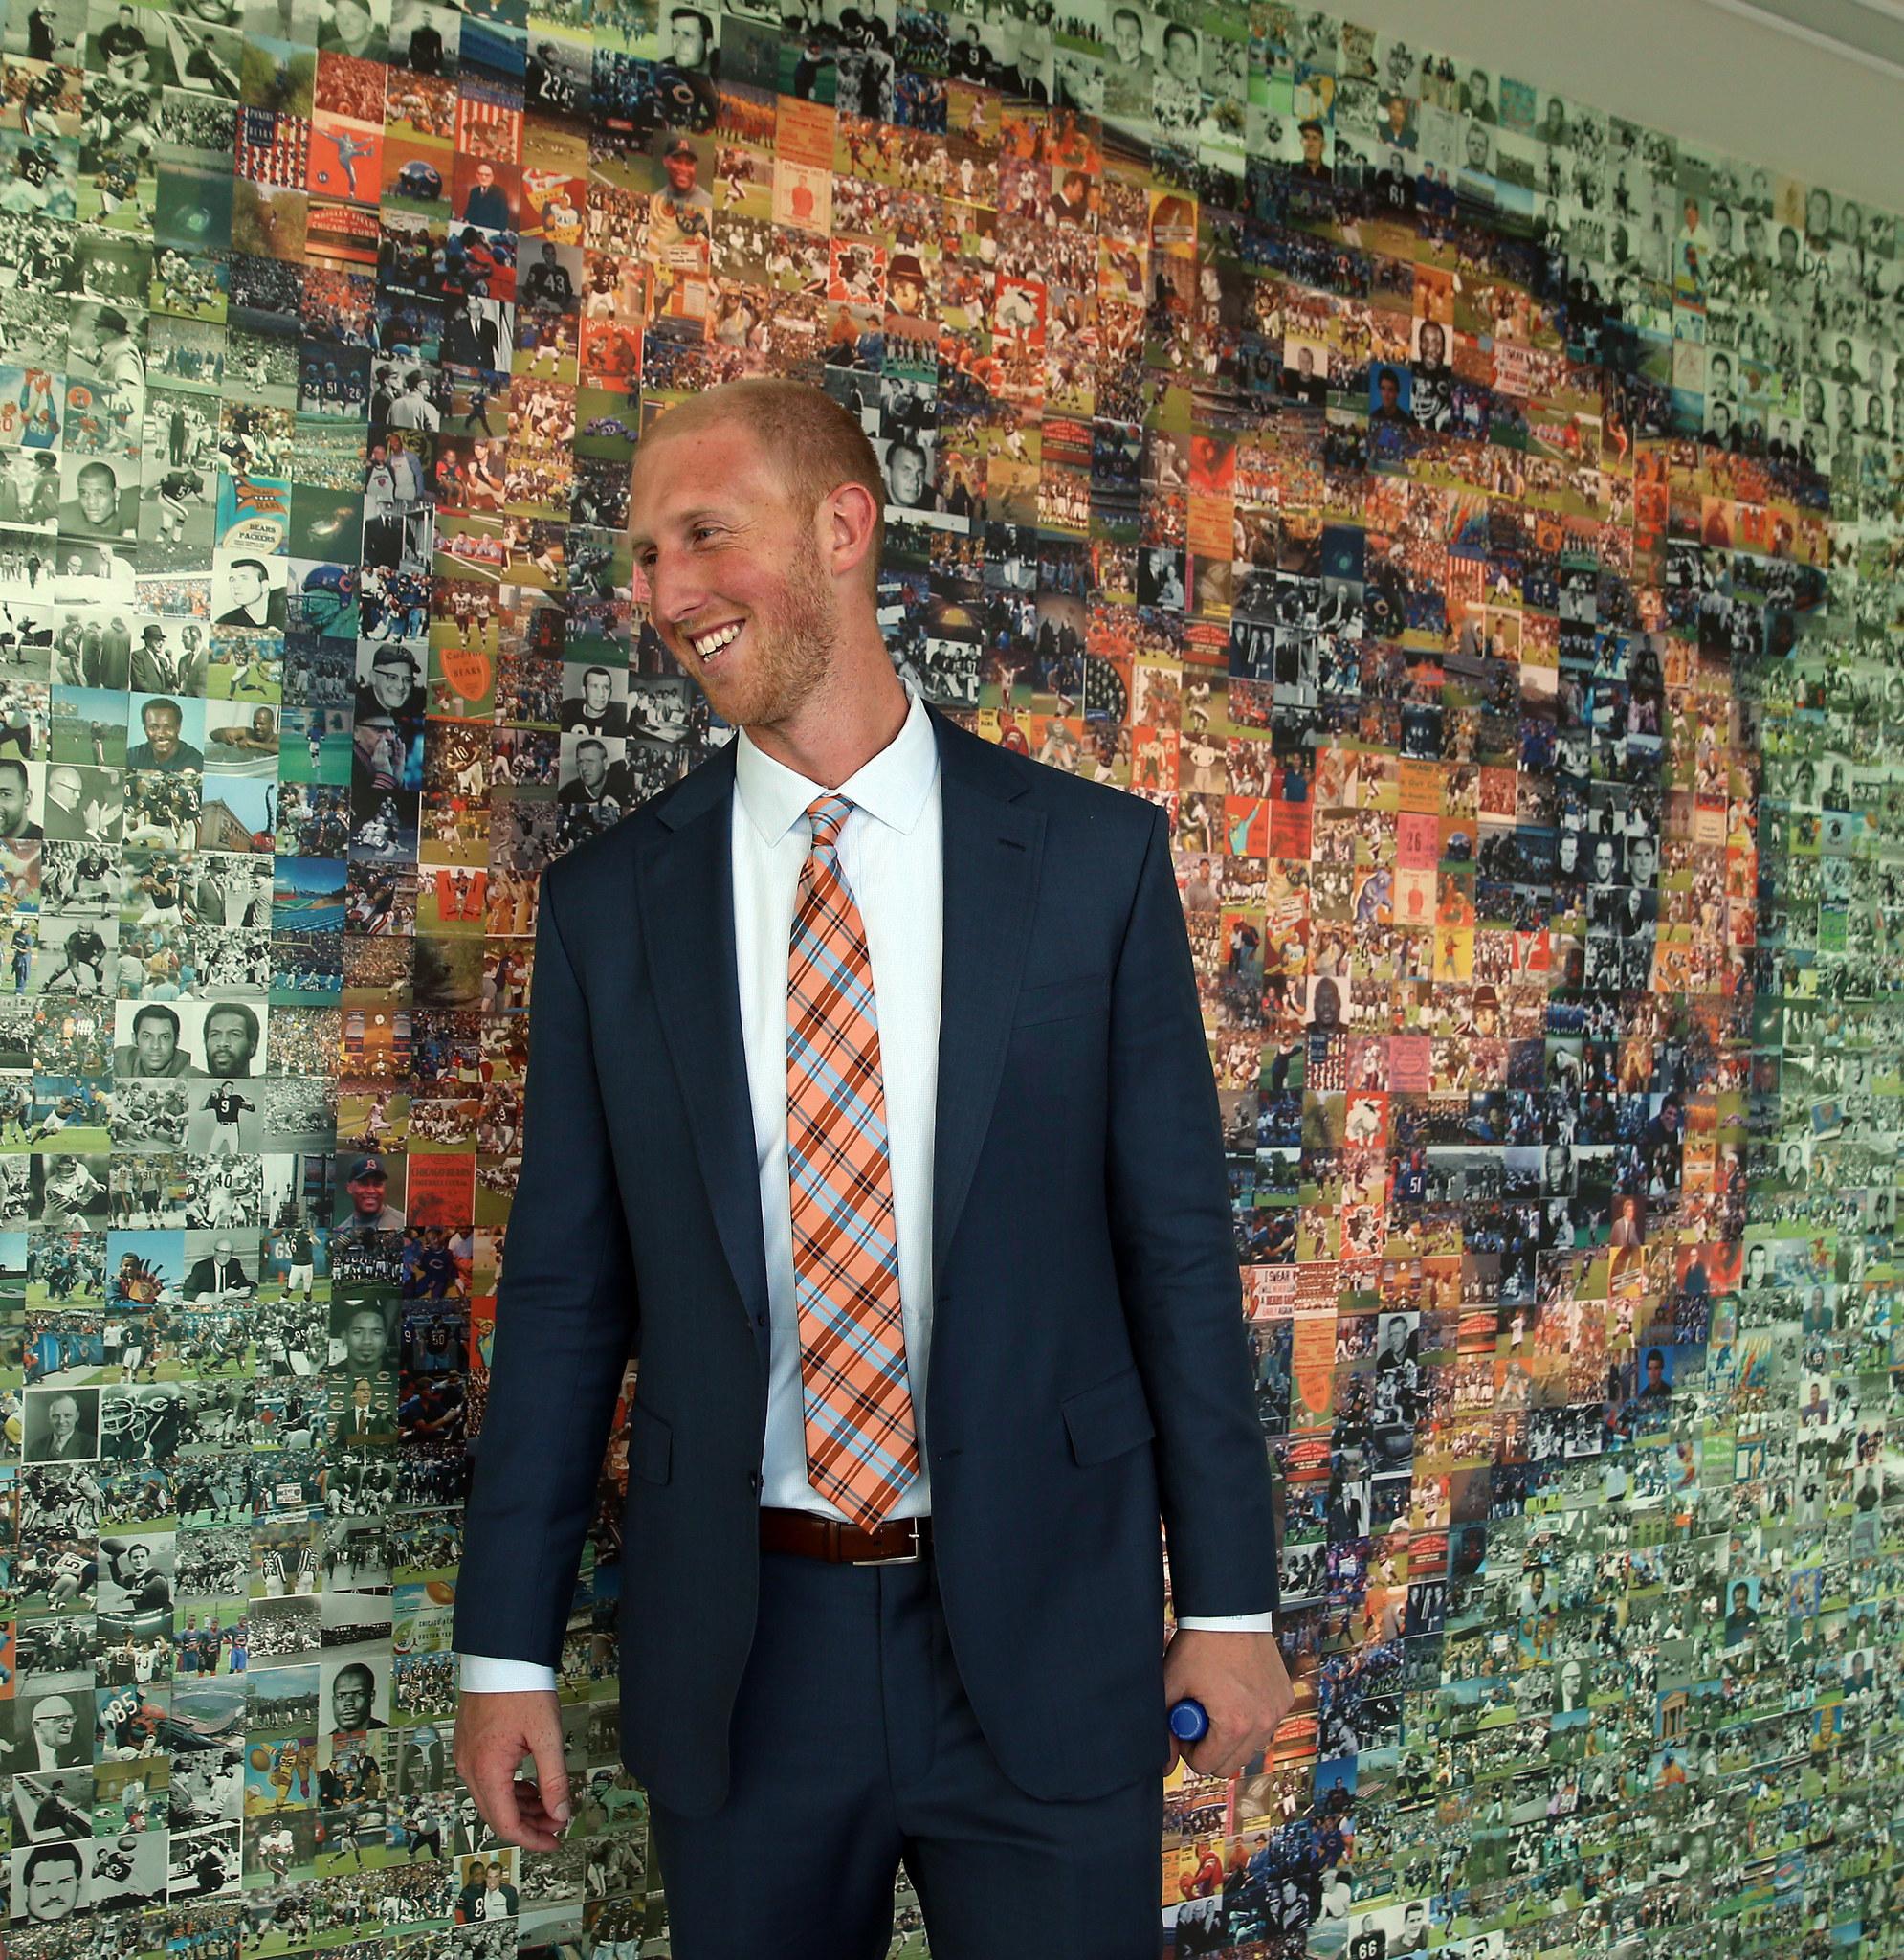 Ct-bears-must-draft-qb-biggs-spt-0329-20170328